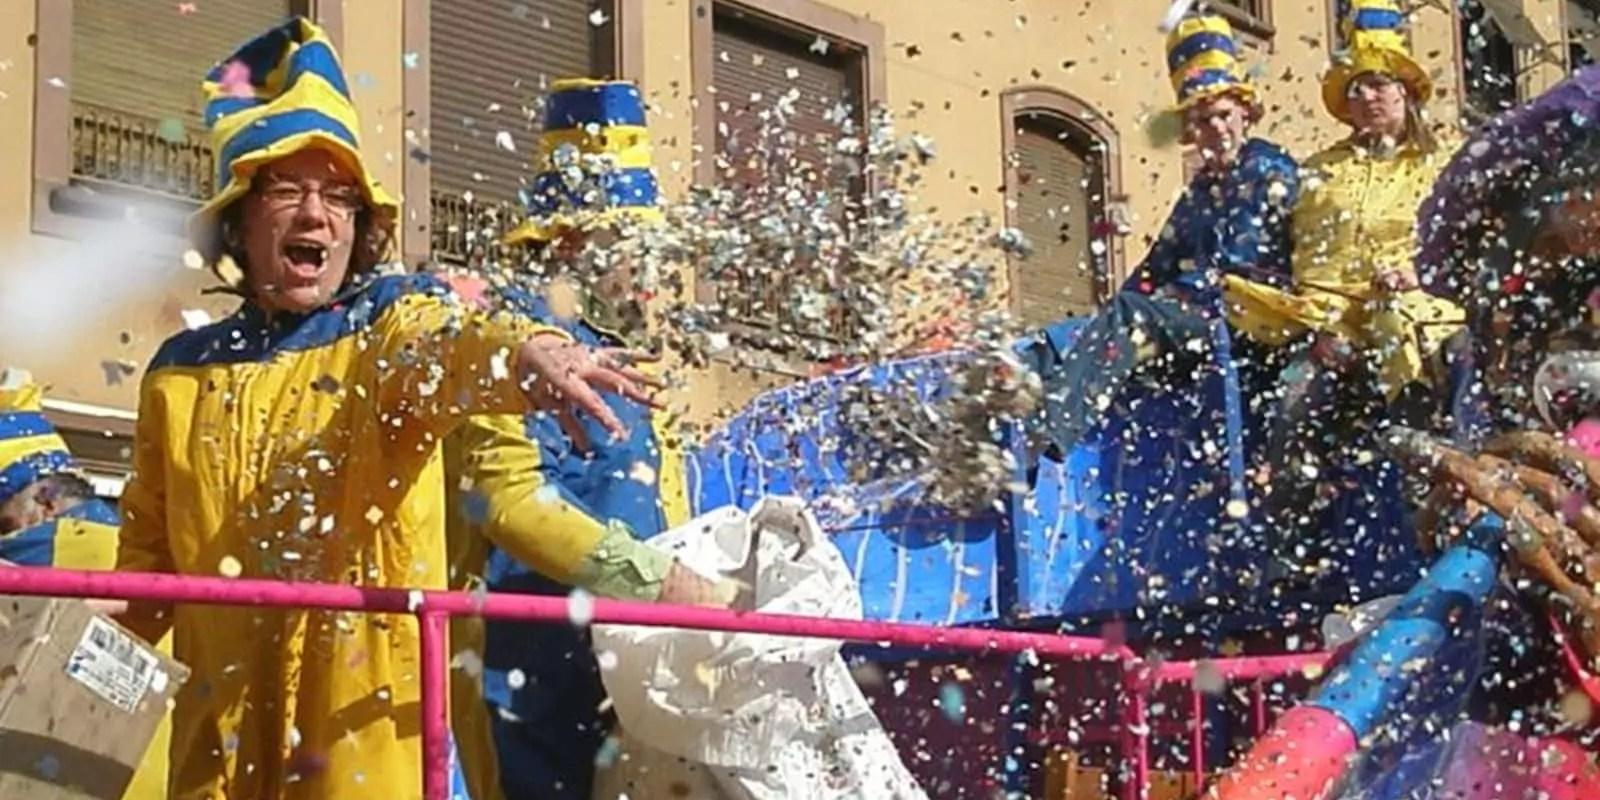 Le défilé de carnaval de Strasbourg ne veut plus faire peur aux enfants